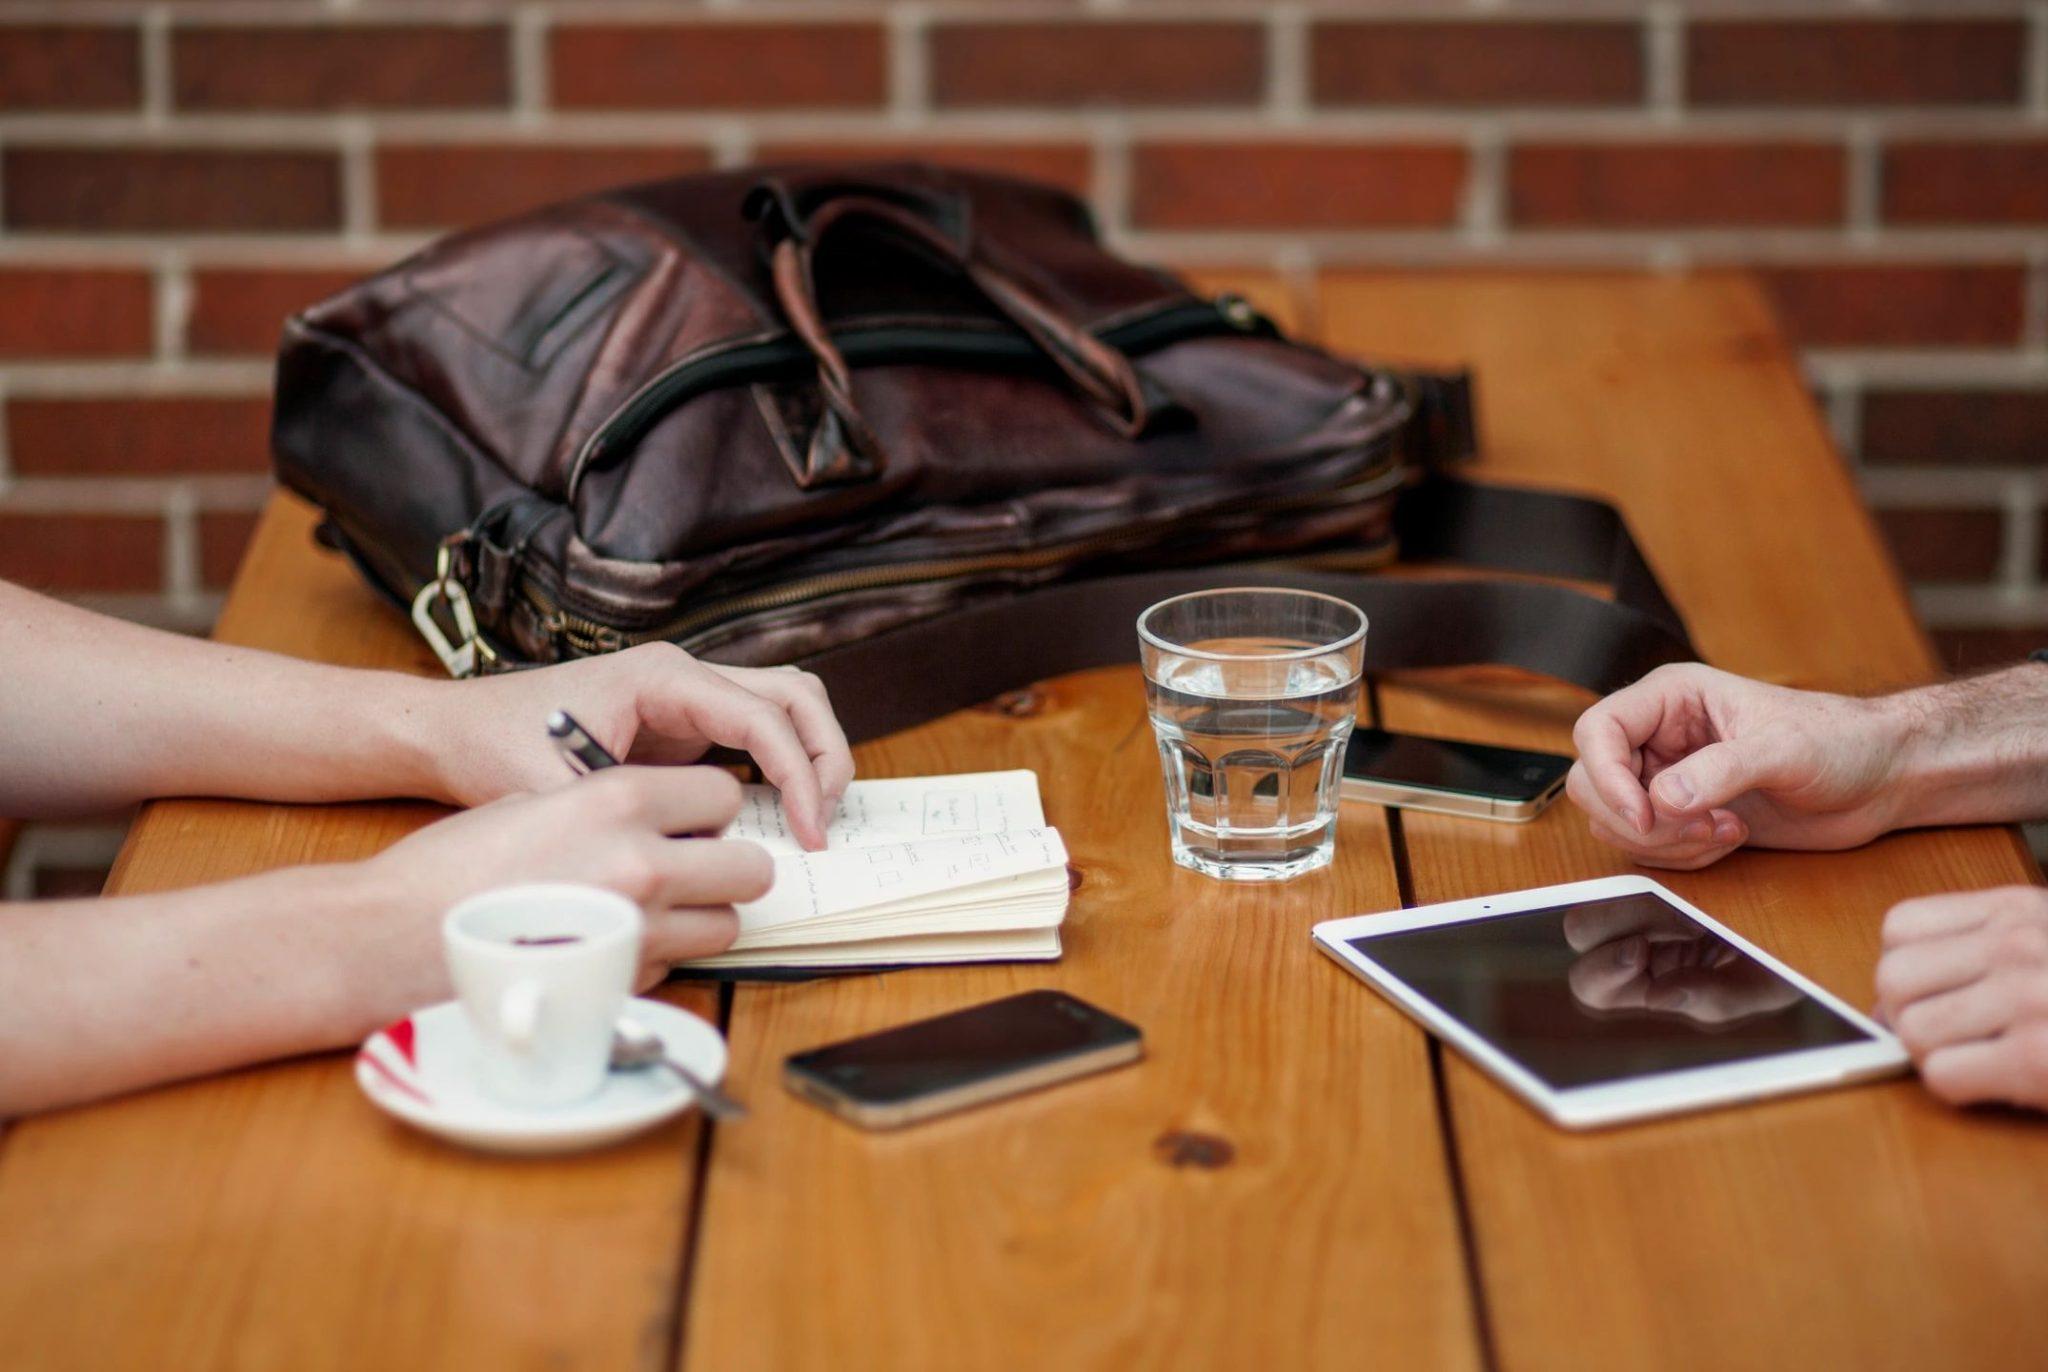 servicios de outsoursing de manteniemiento para restaurantes / hoteles